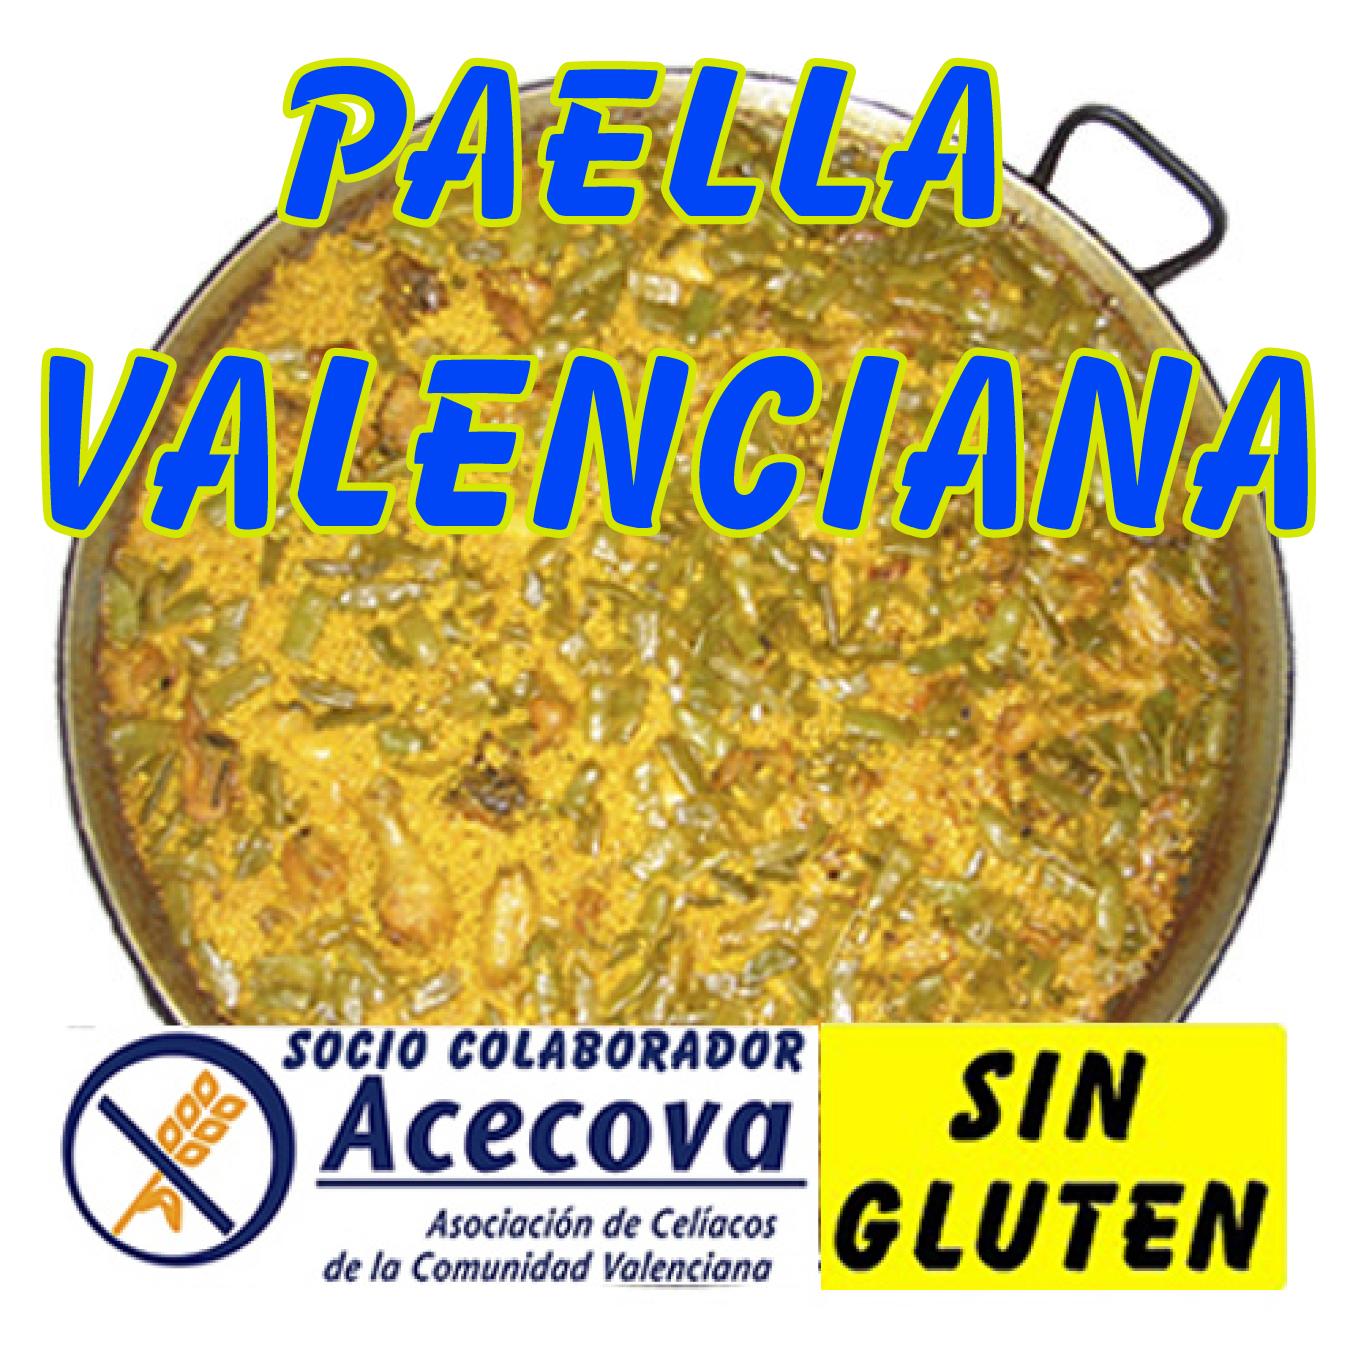 Paella valenciana de encargo